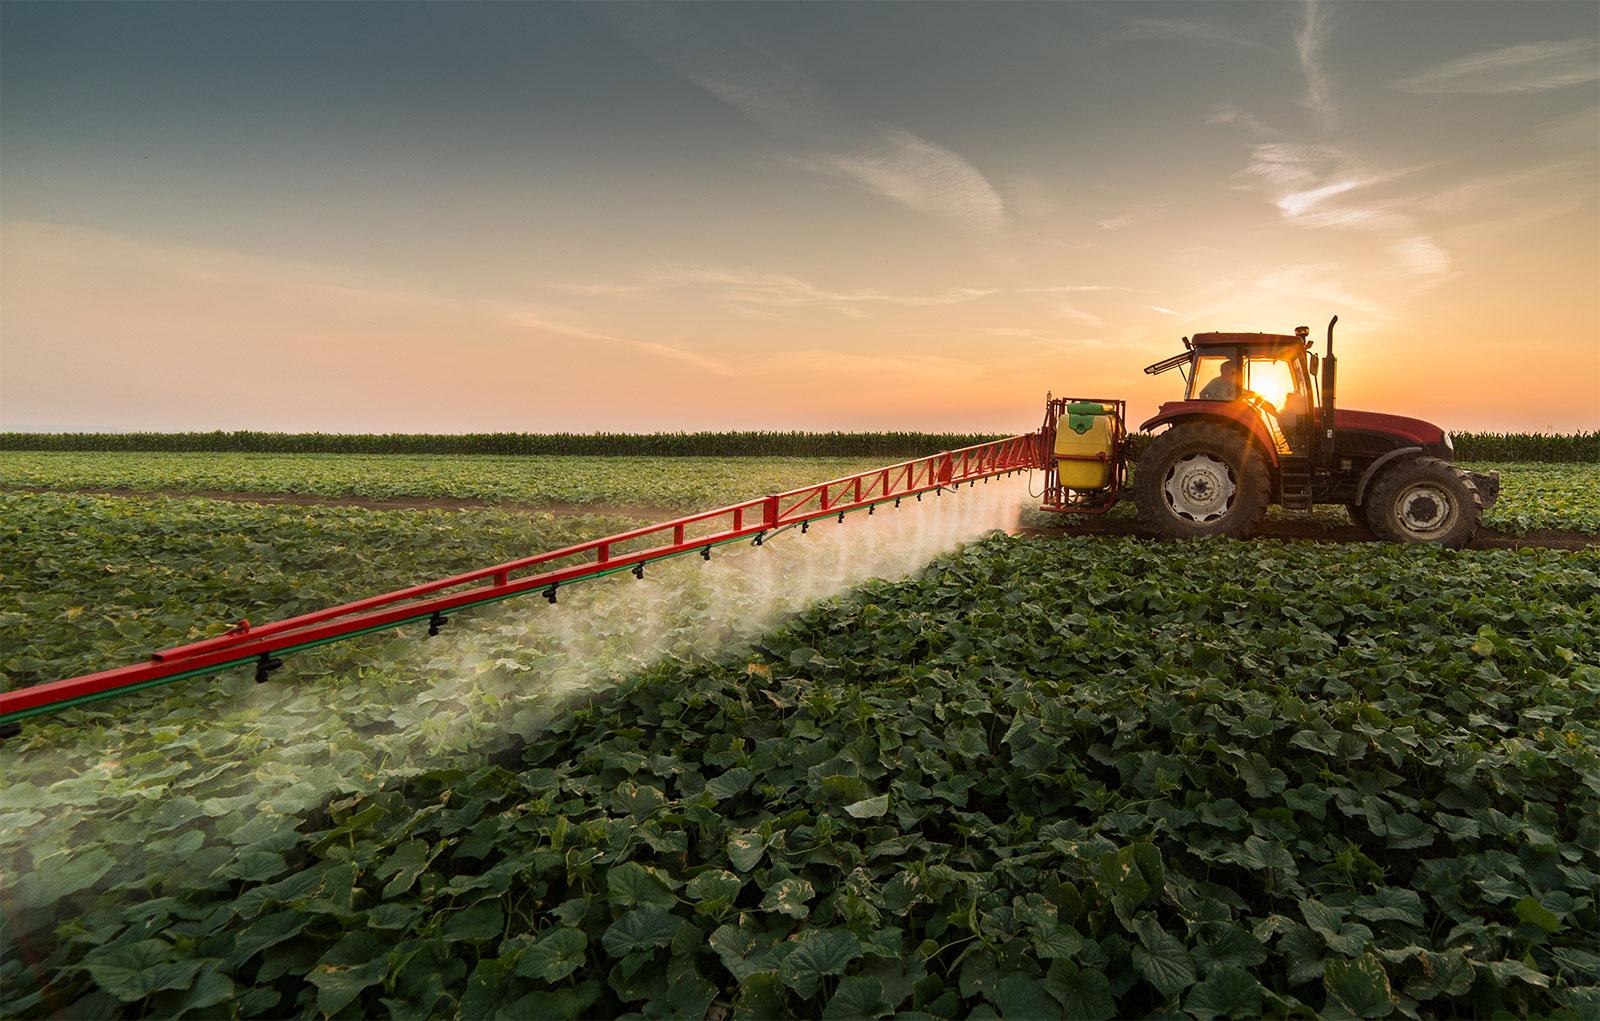 Yabancı otlarla mücadelede önemli bir işleve sahip olan herbisitler, kullanım açısından maliyeti düşük ve işgücü ihtiyacı azdır.